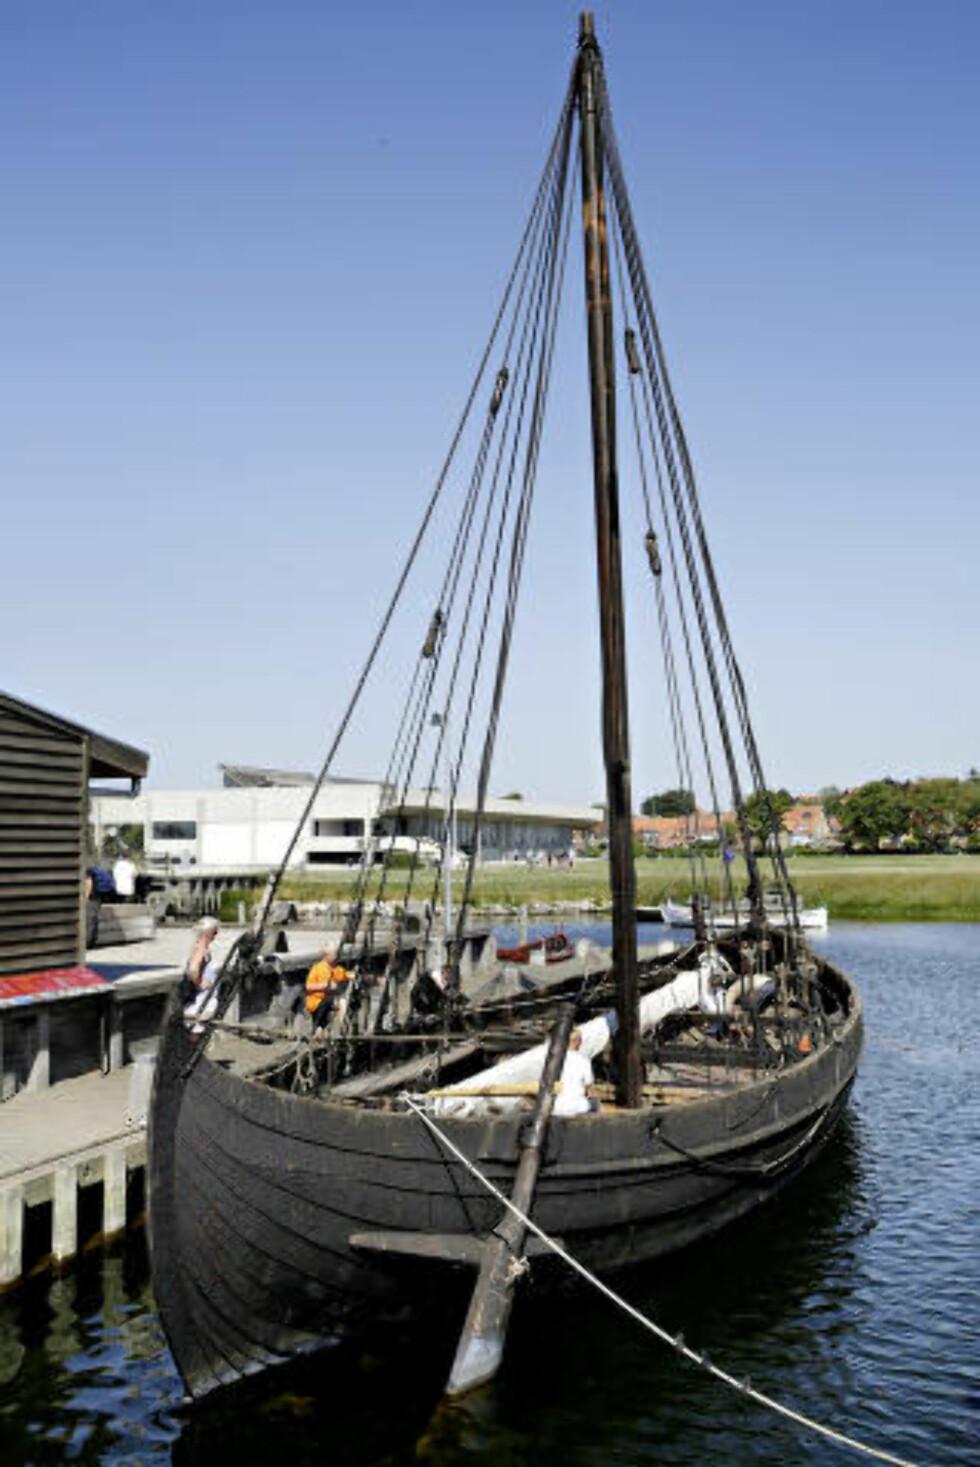 VIKINGTOKT: Hver dag i sommerhalvåret kan du dra på tokt med båter fra vikingskipmuseet i Roskilde. Foto: KRISTIAN RIDDER-NIELSEN